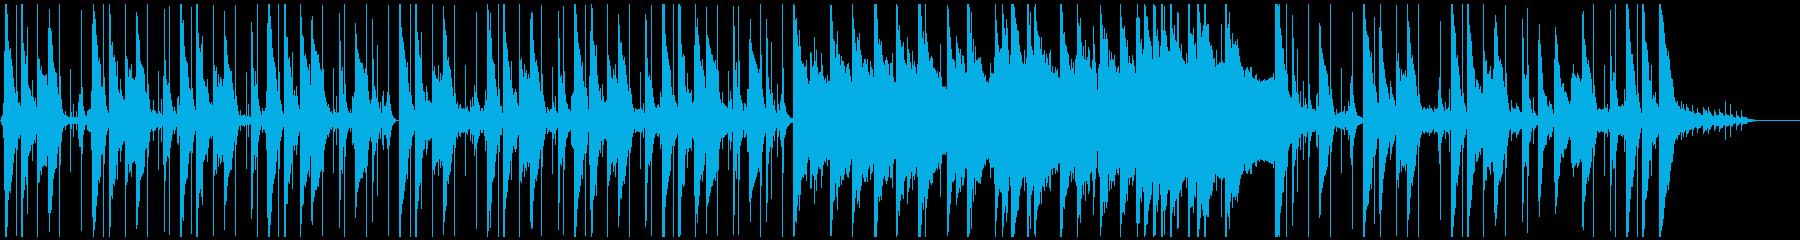 リラックスできるジャジーなヒップホップの再生済みの波形